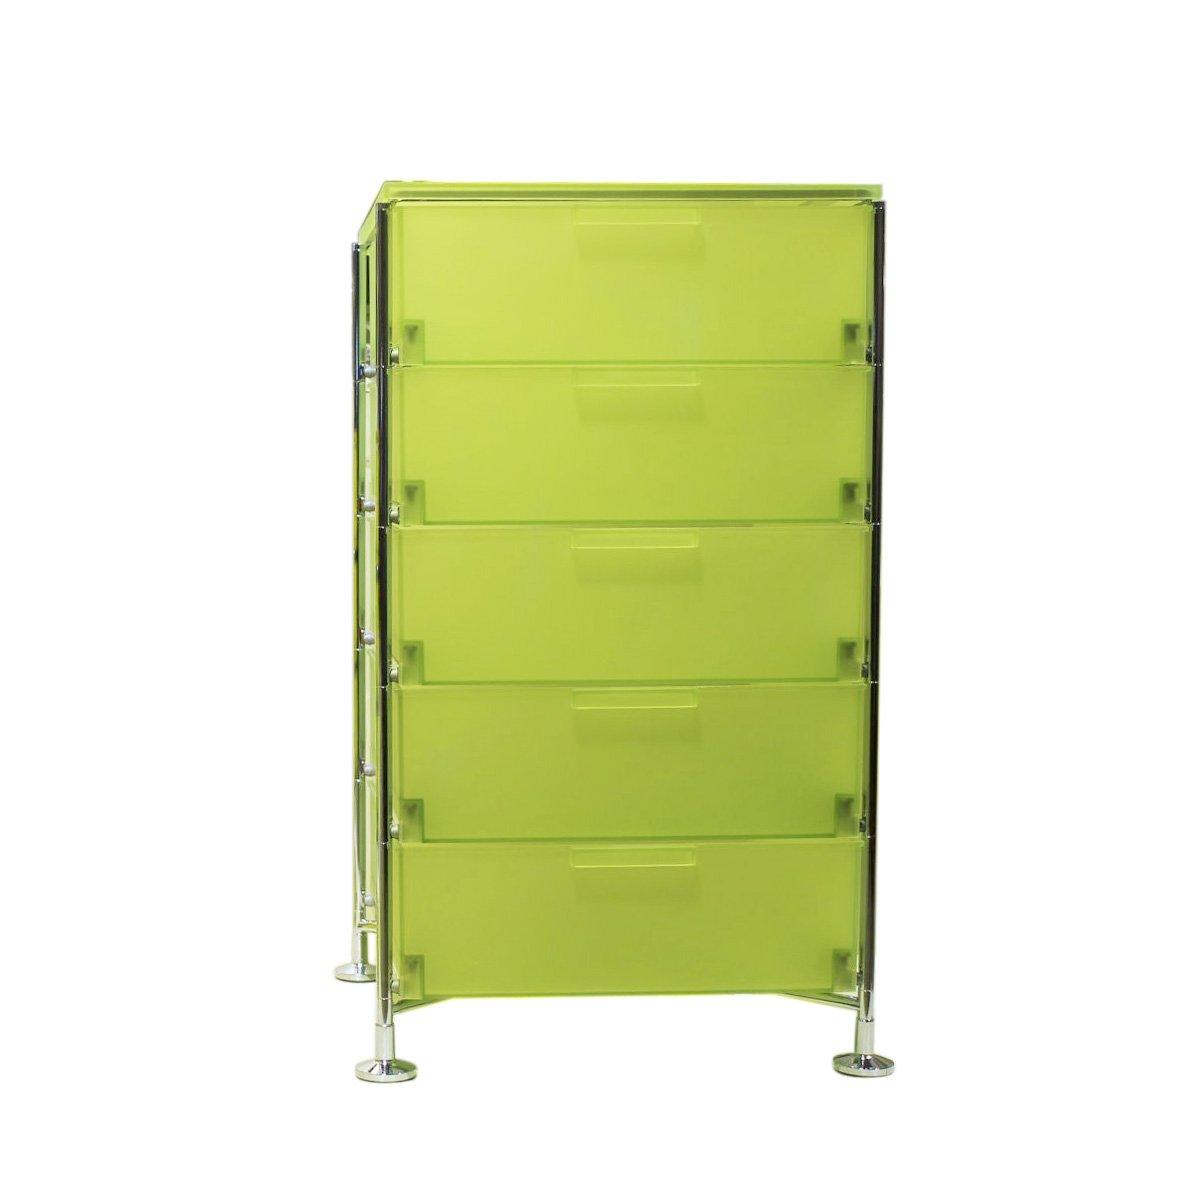 Kartell 2035L3 Container Mobil, 5 Schubladen, zitronengelb